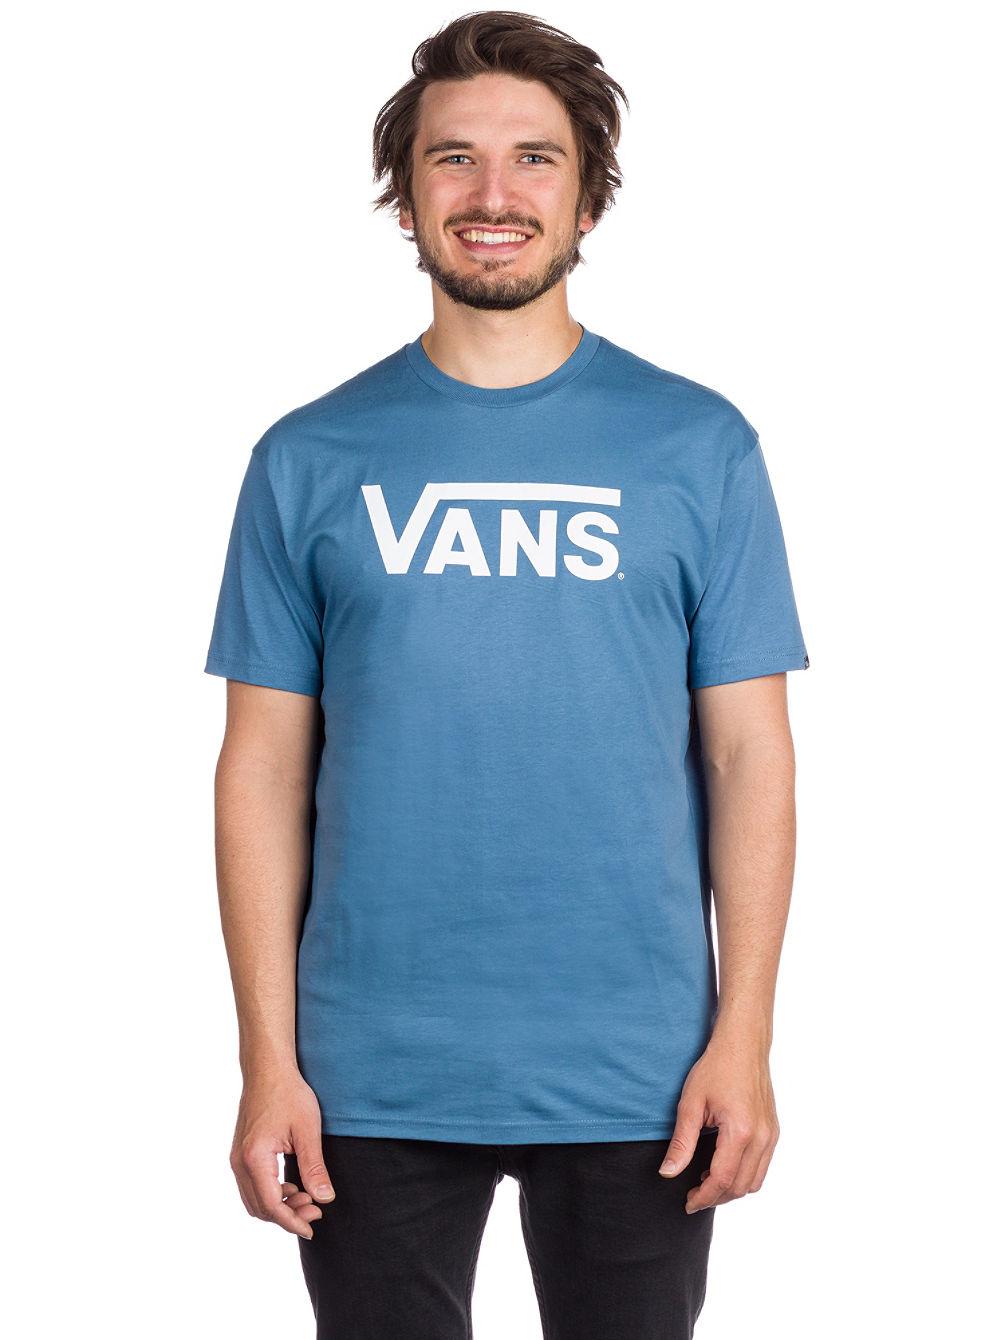 Buy Vans Classic T-Shirt online at blue-tomato.com 5dc9e62d2c